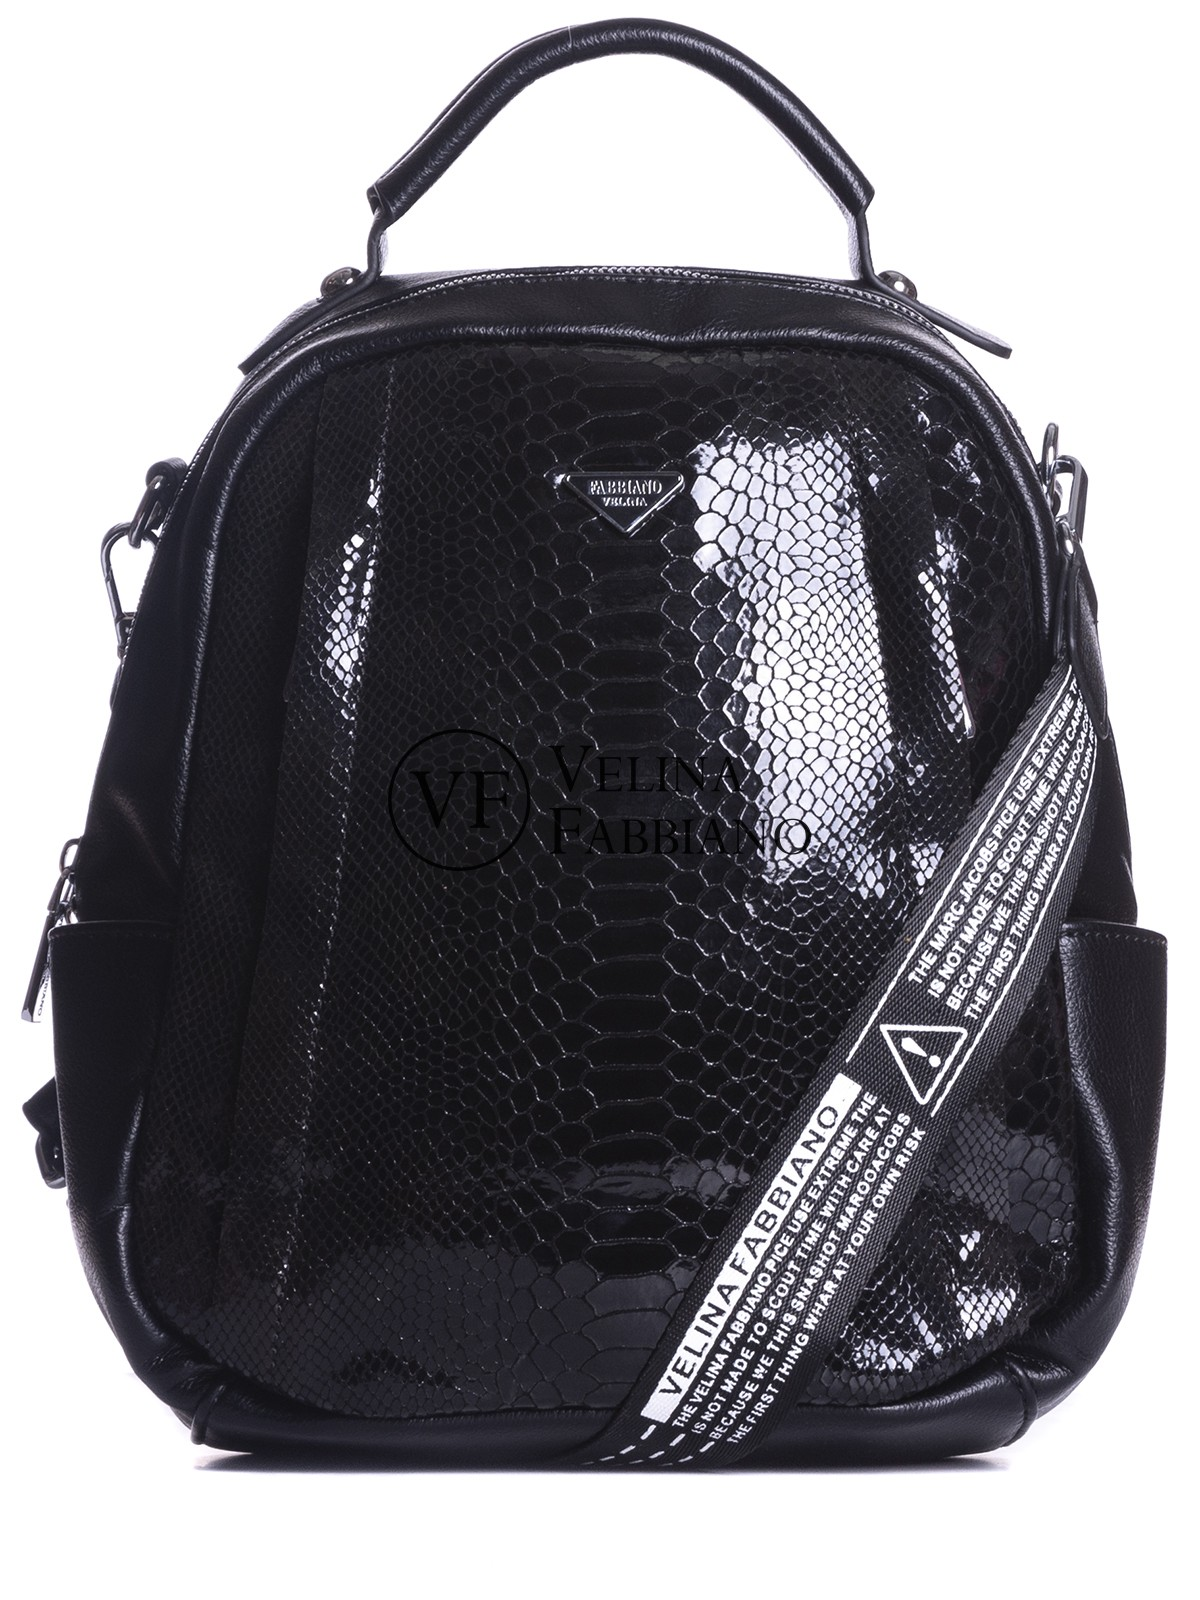 Рюкзак Velina Fabbiano 553244-2-black